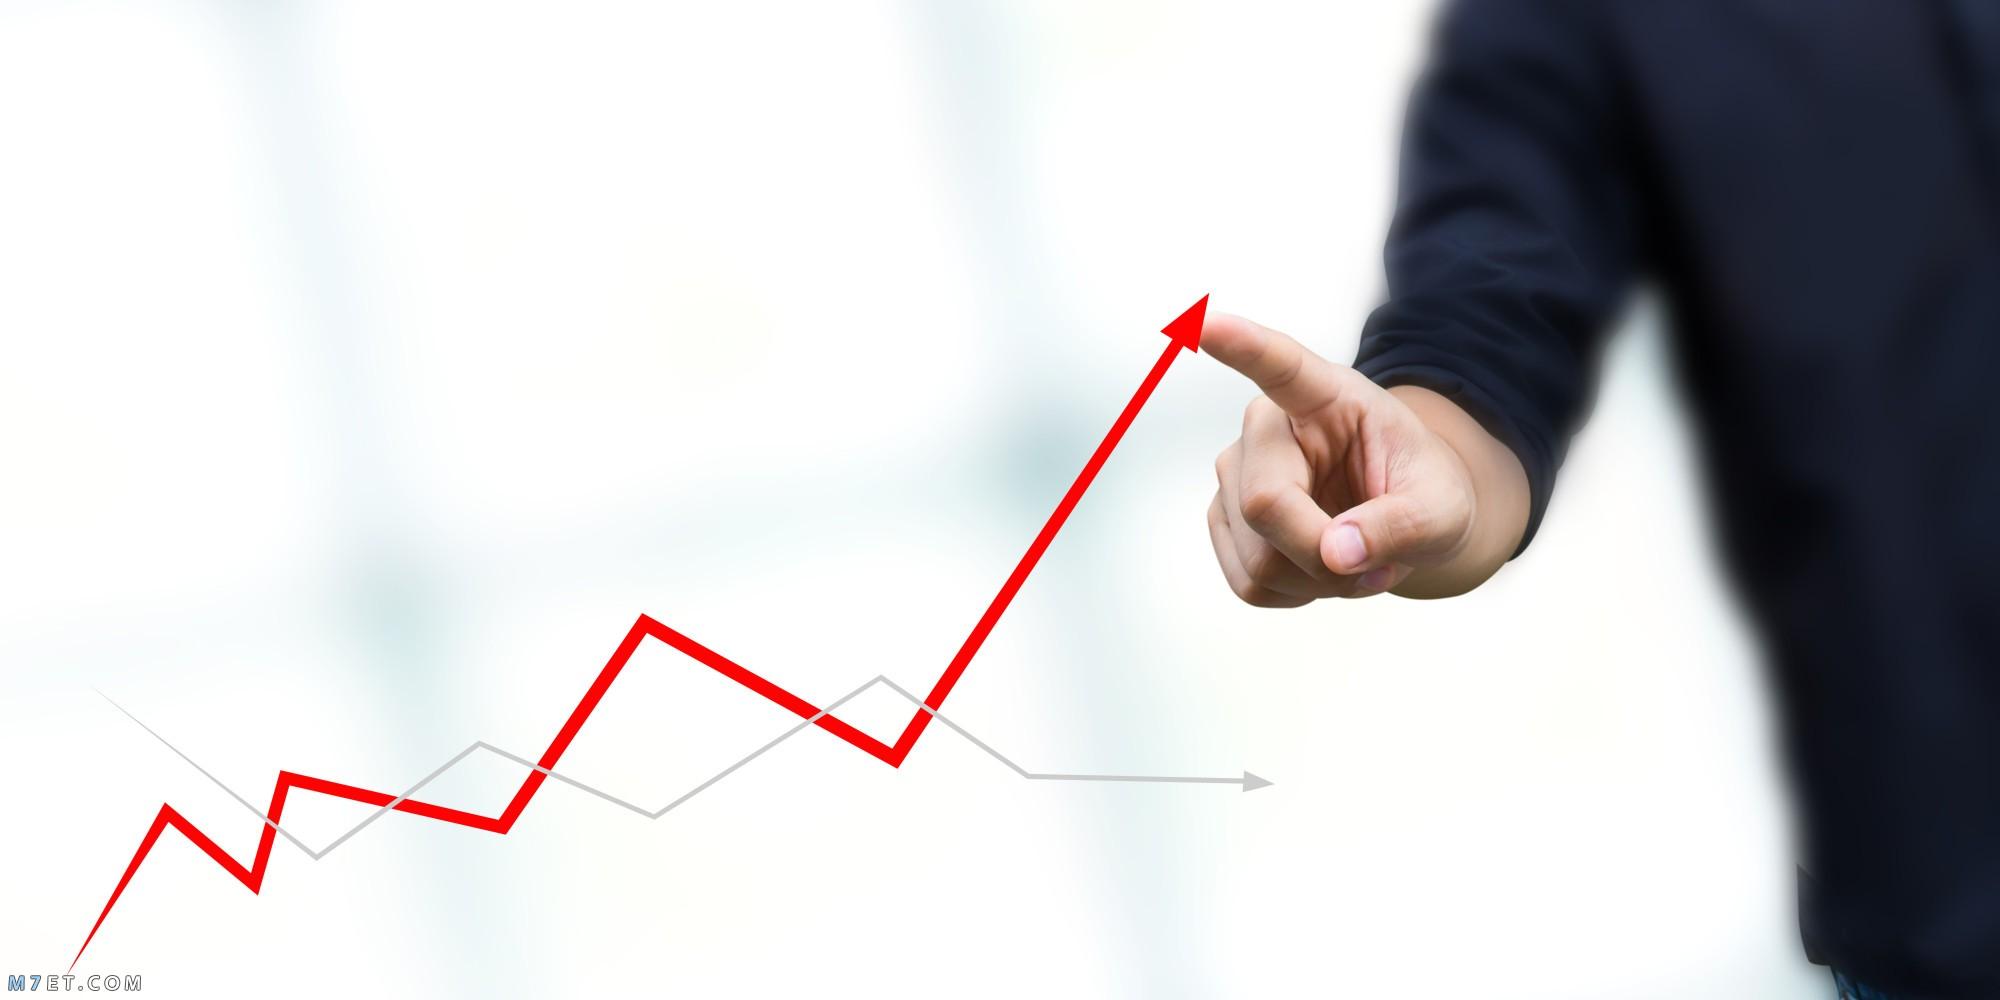 النمو الاقتصادي